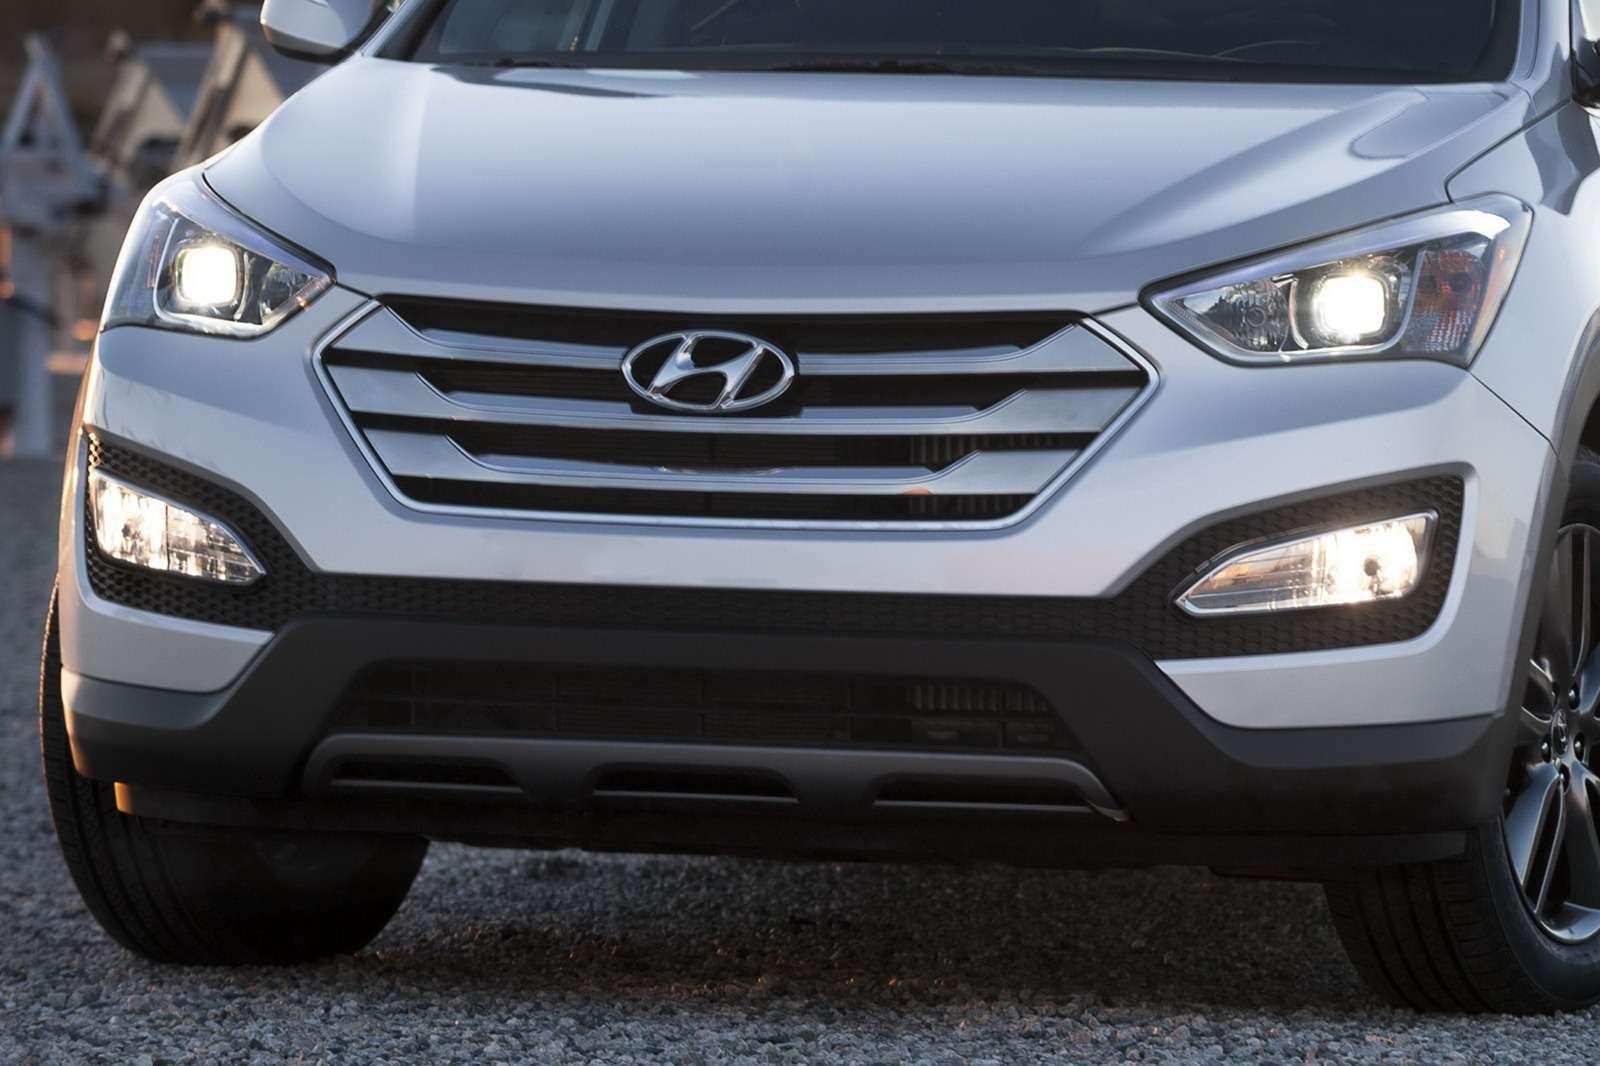 Hyundai Santa Fe 2013 Sport I Santa Fe Lwb Ujawnione Przed